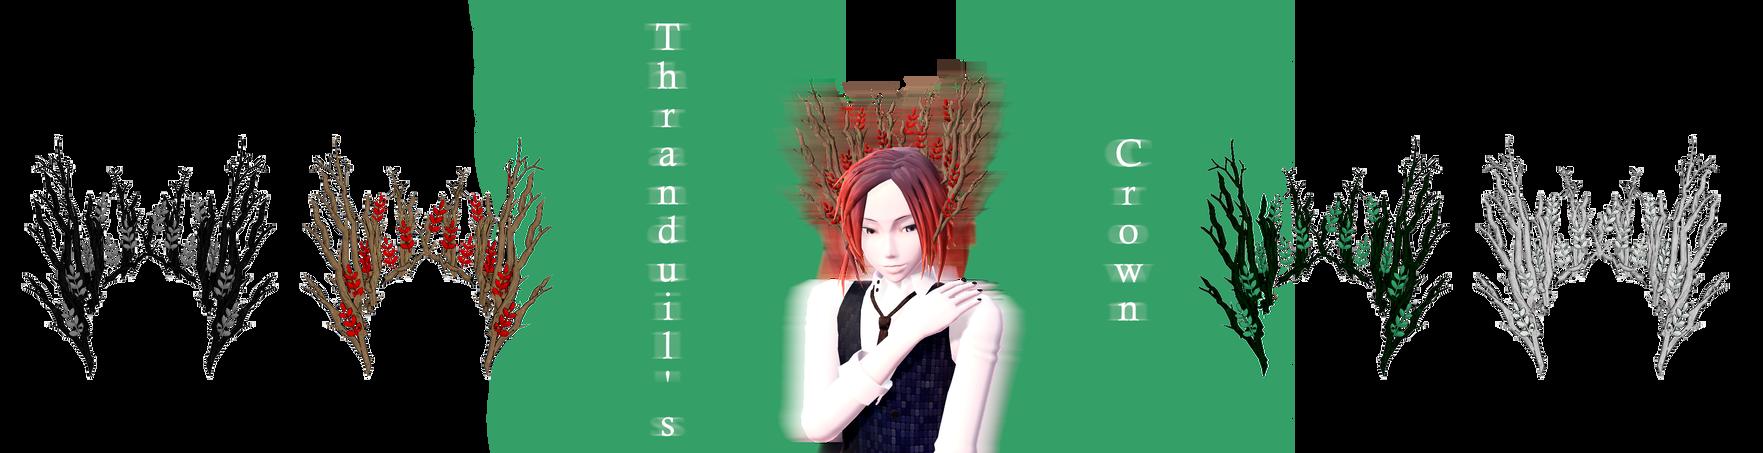 [MMD] Thranduil's Crown DL